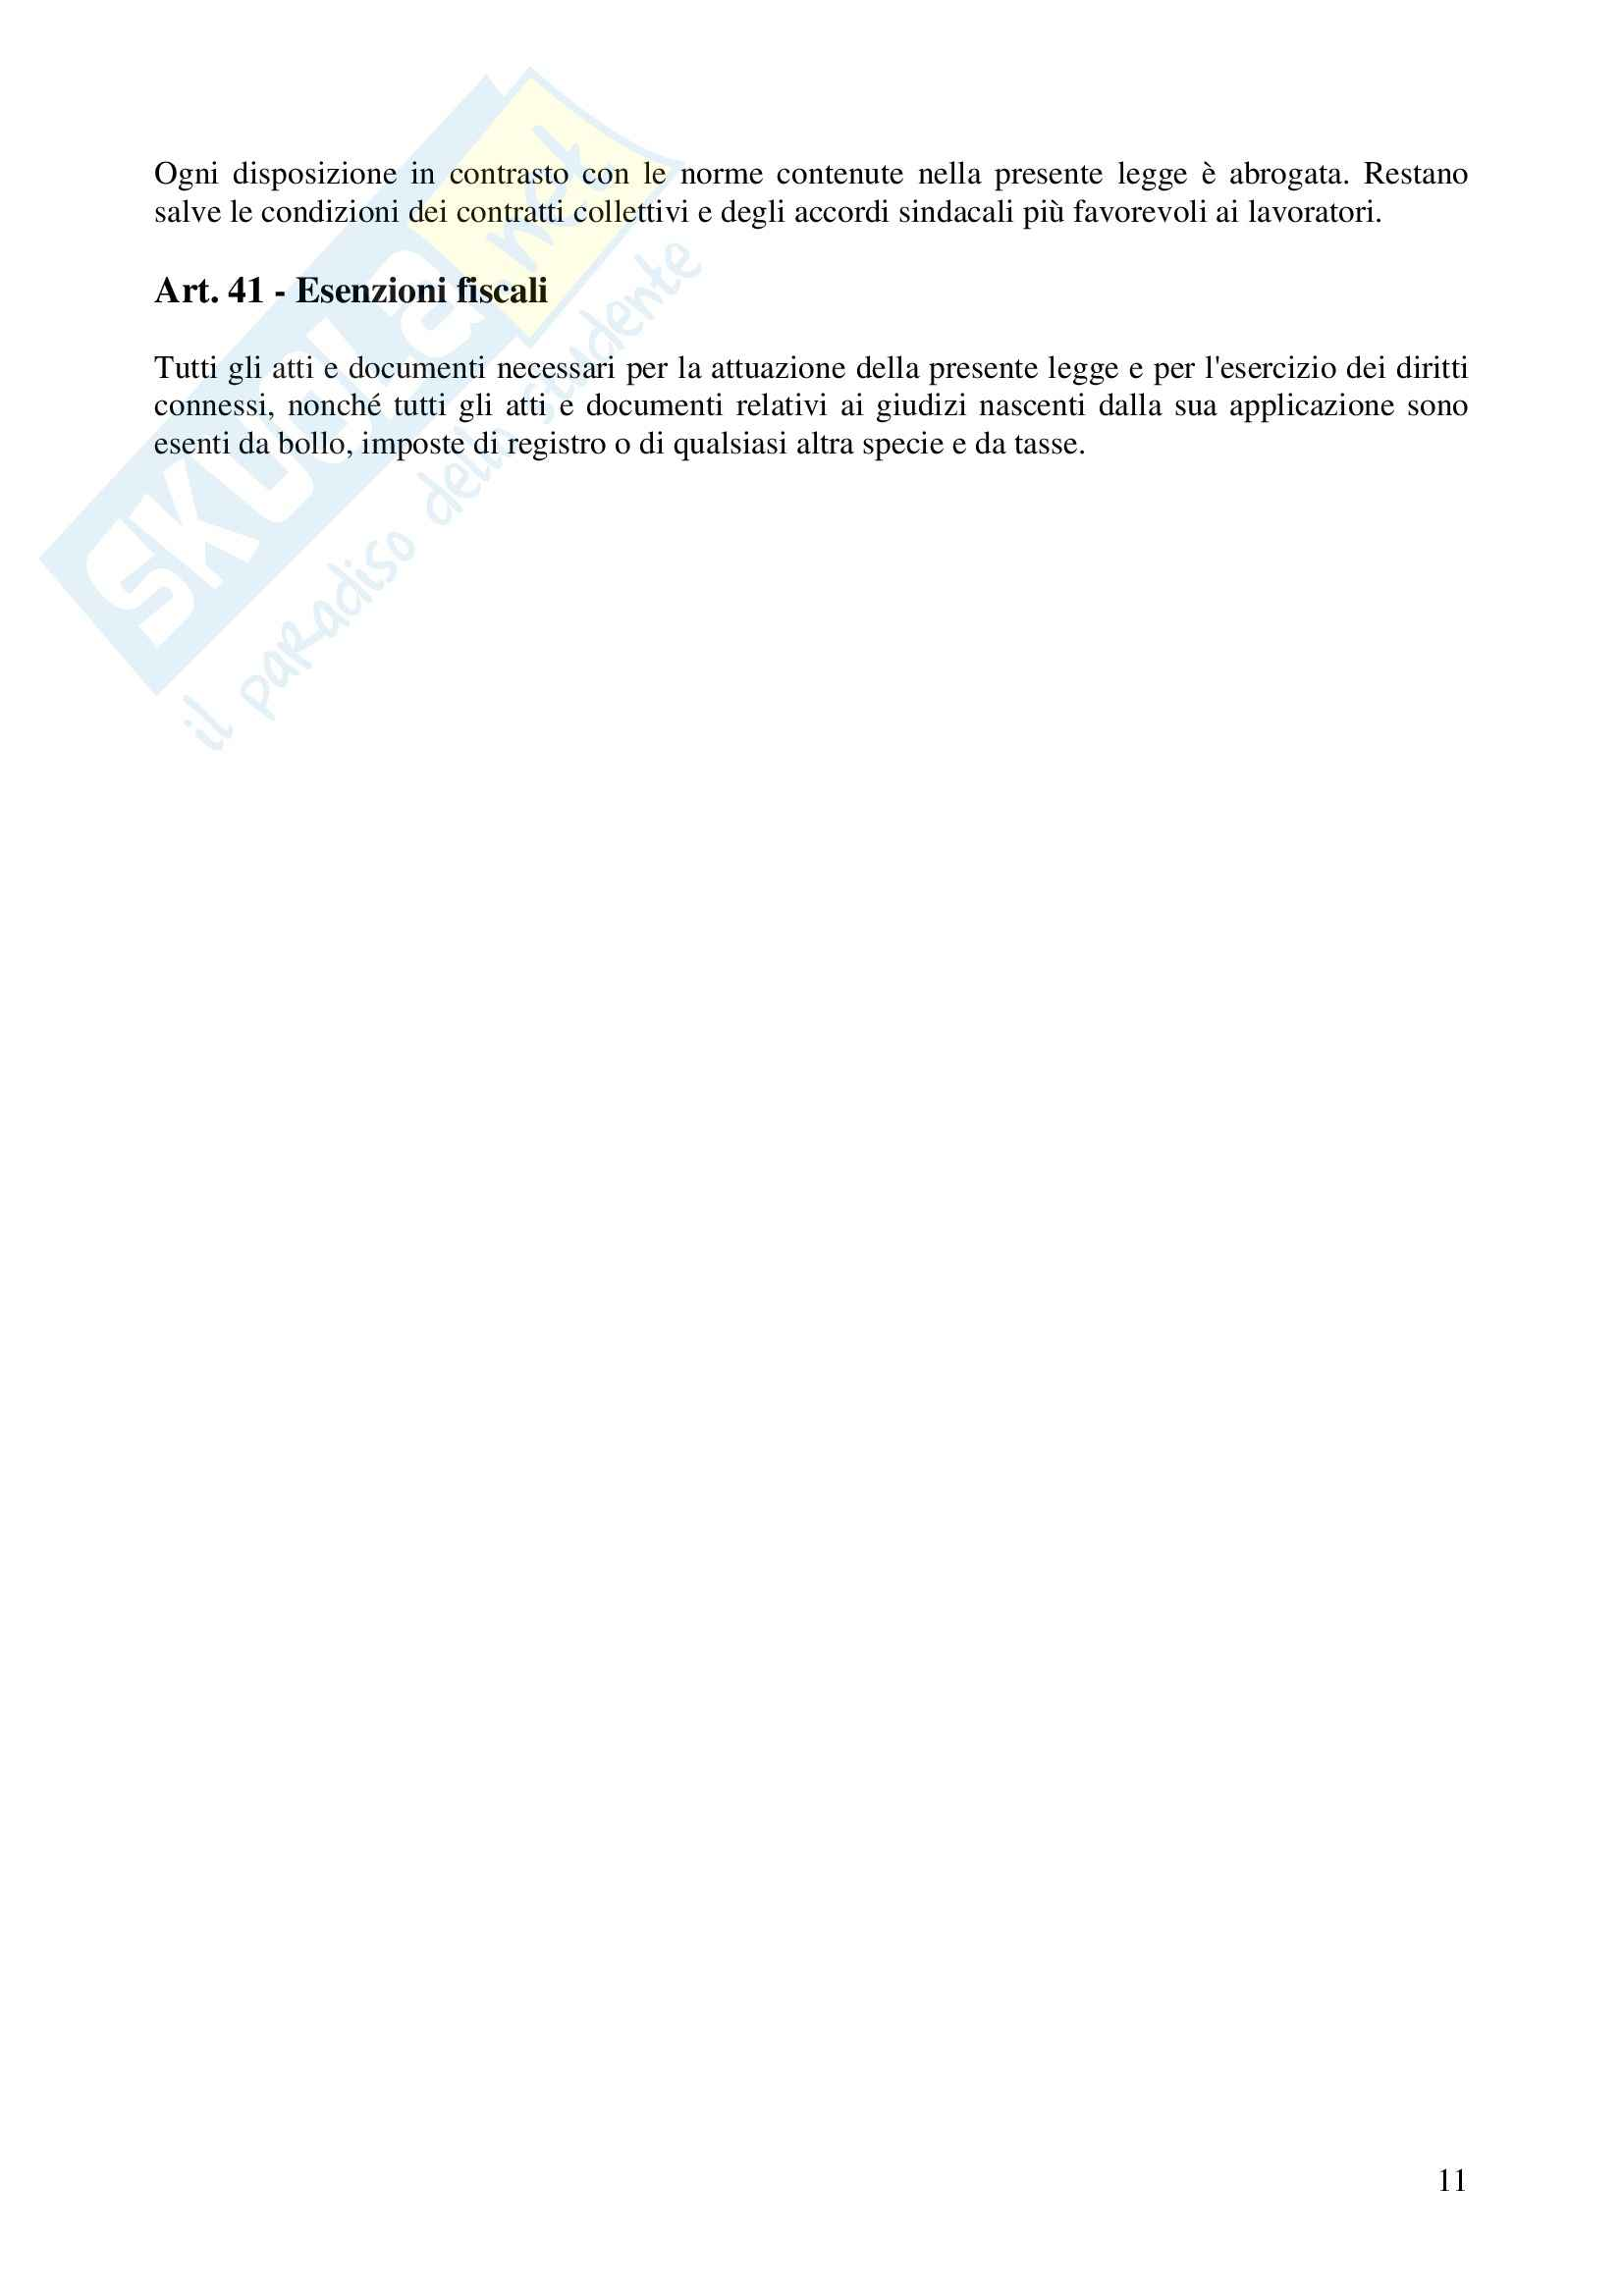 Diritto del lavoro - lo Statuto dei lavoratori,  Legge Pag. 11